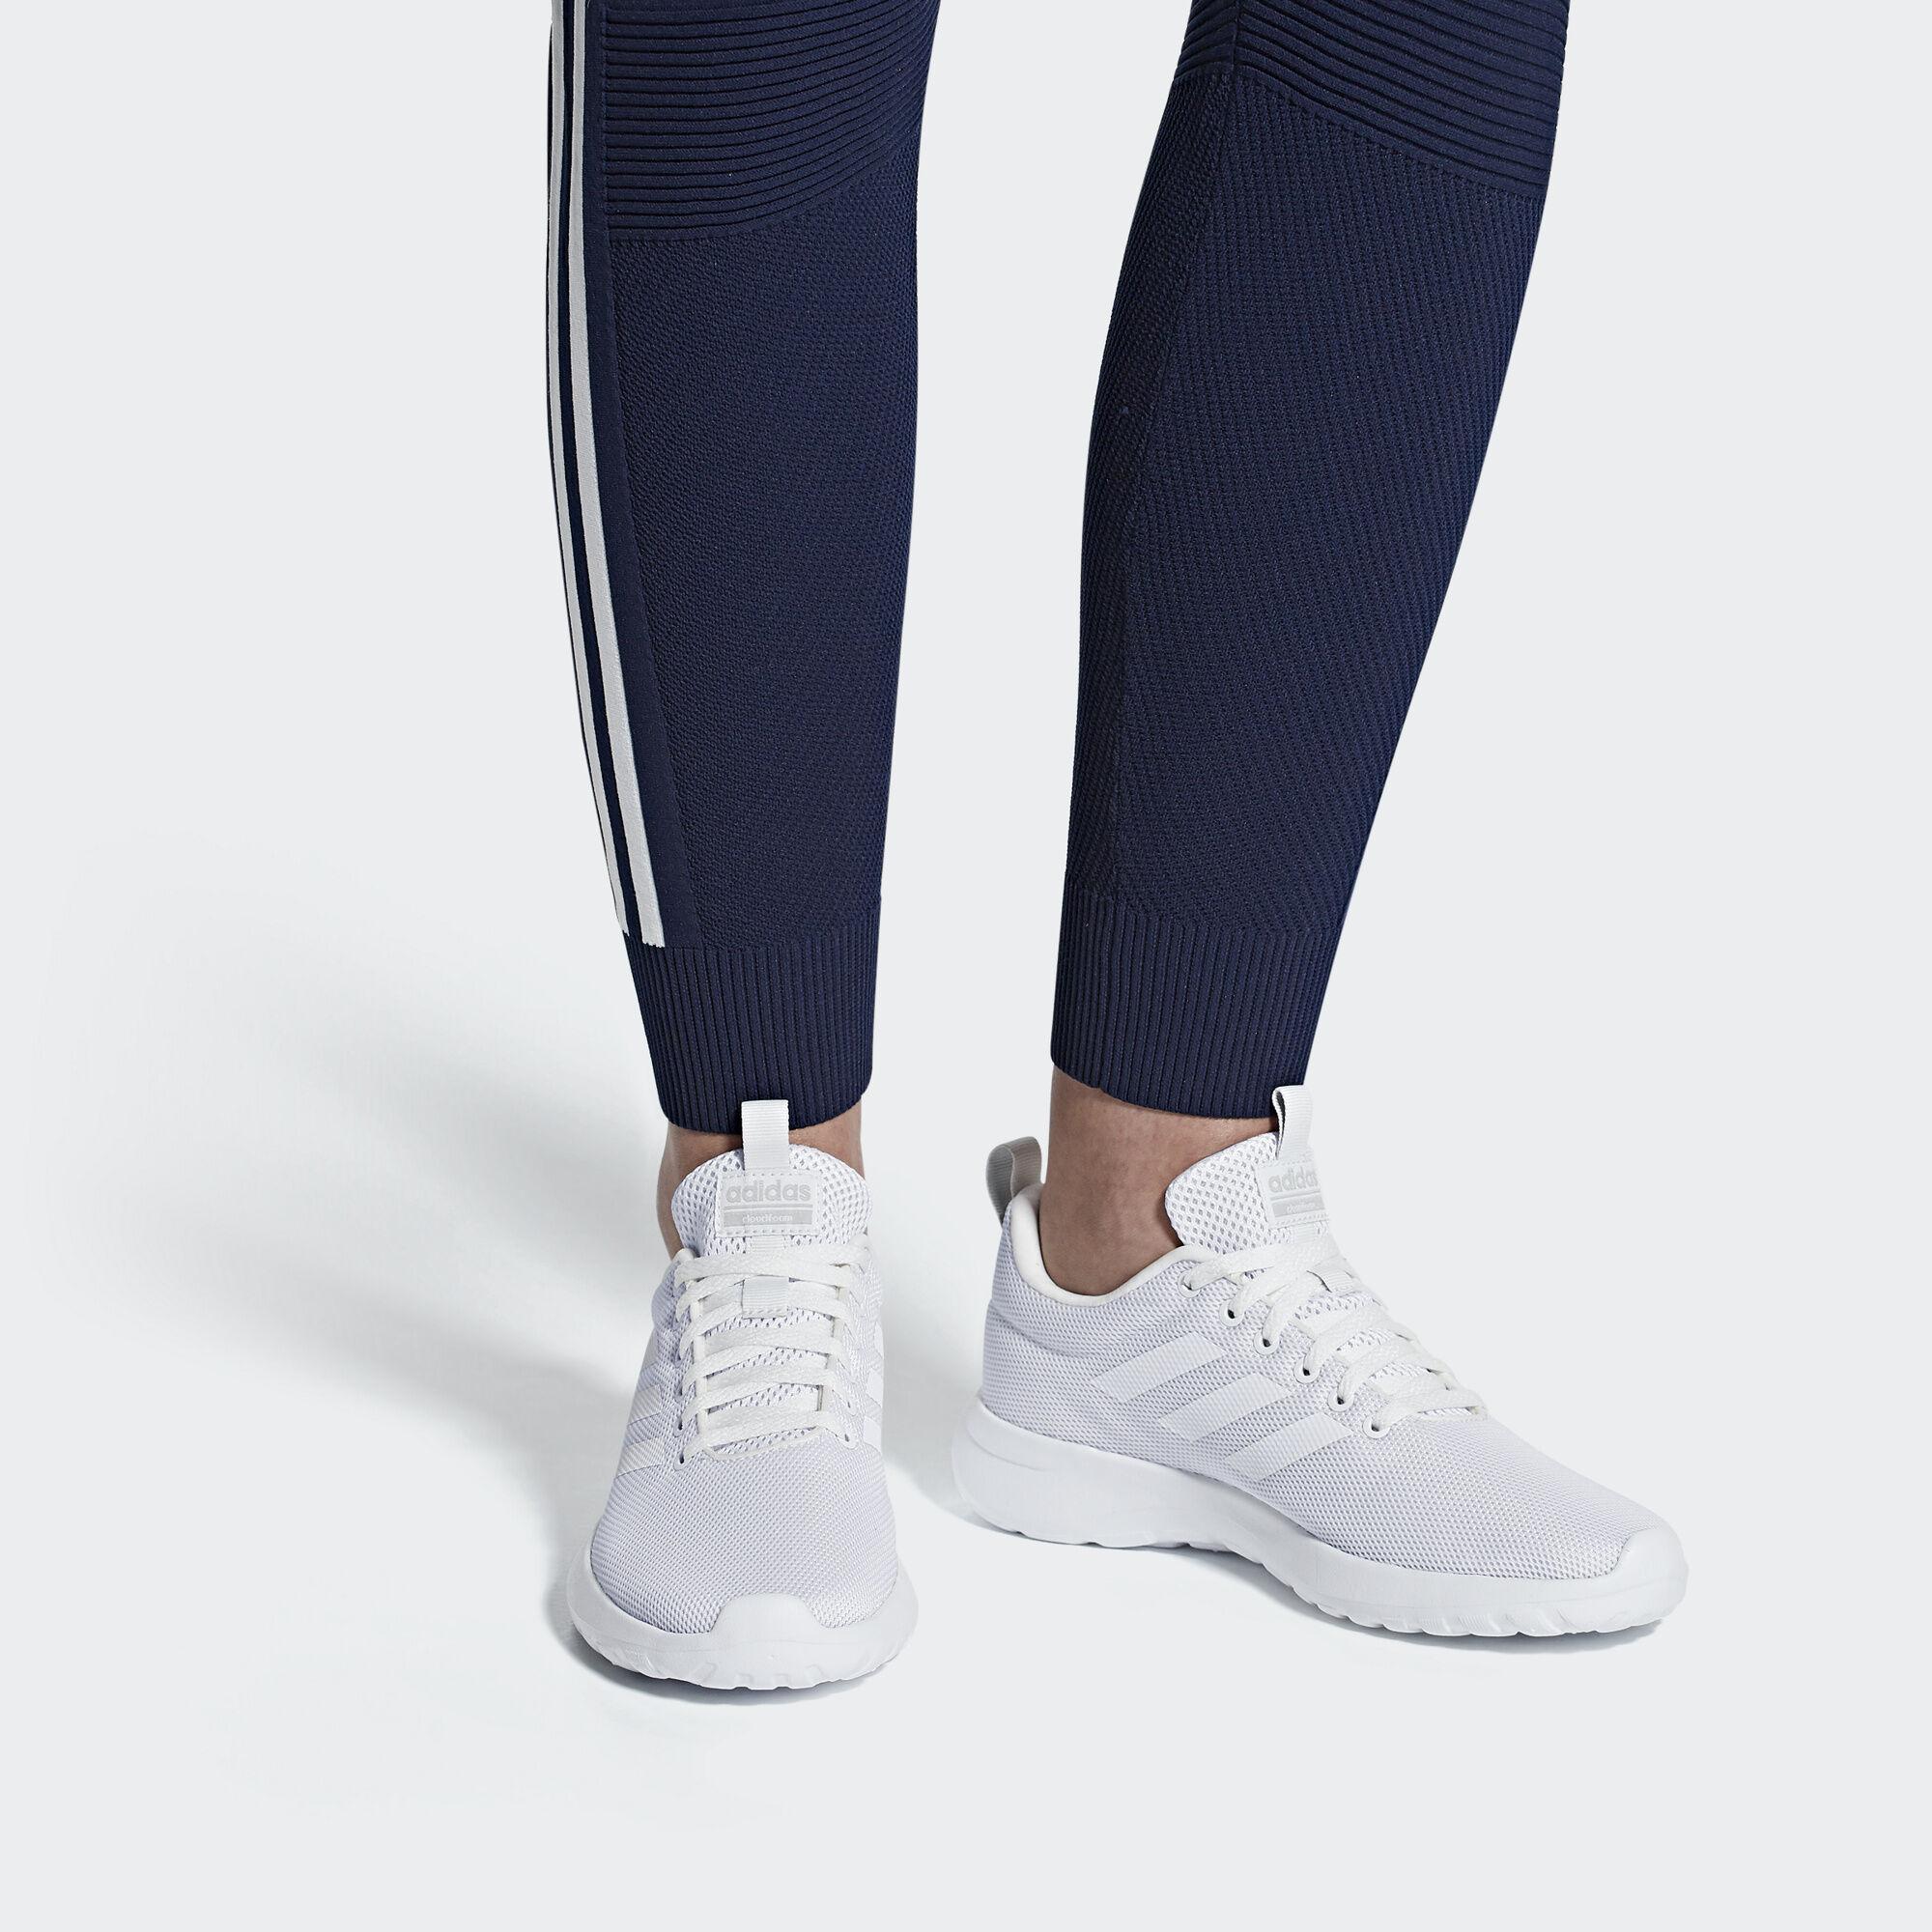 newest 11fde 8c94e adidas Lite Racer CLN Shoes - Black  adidas Australia